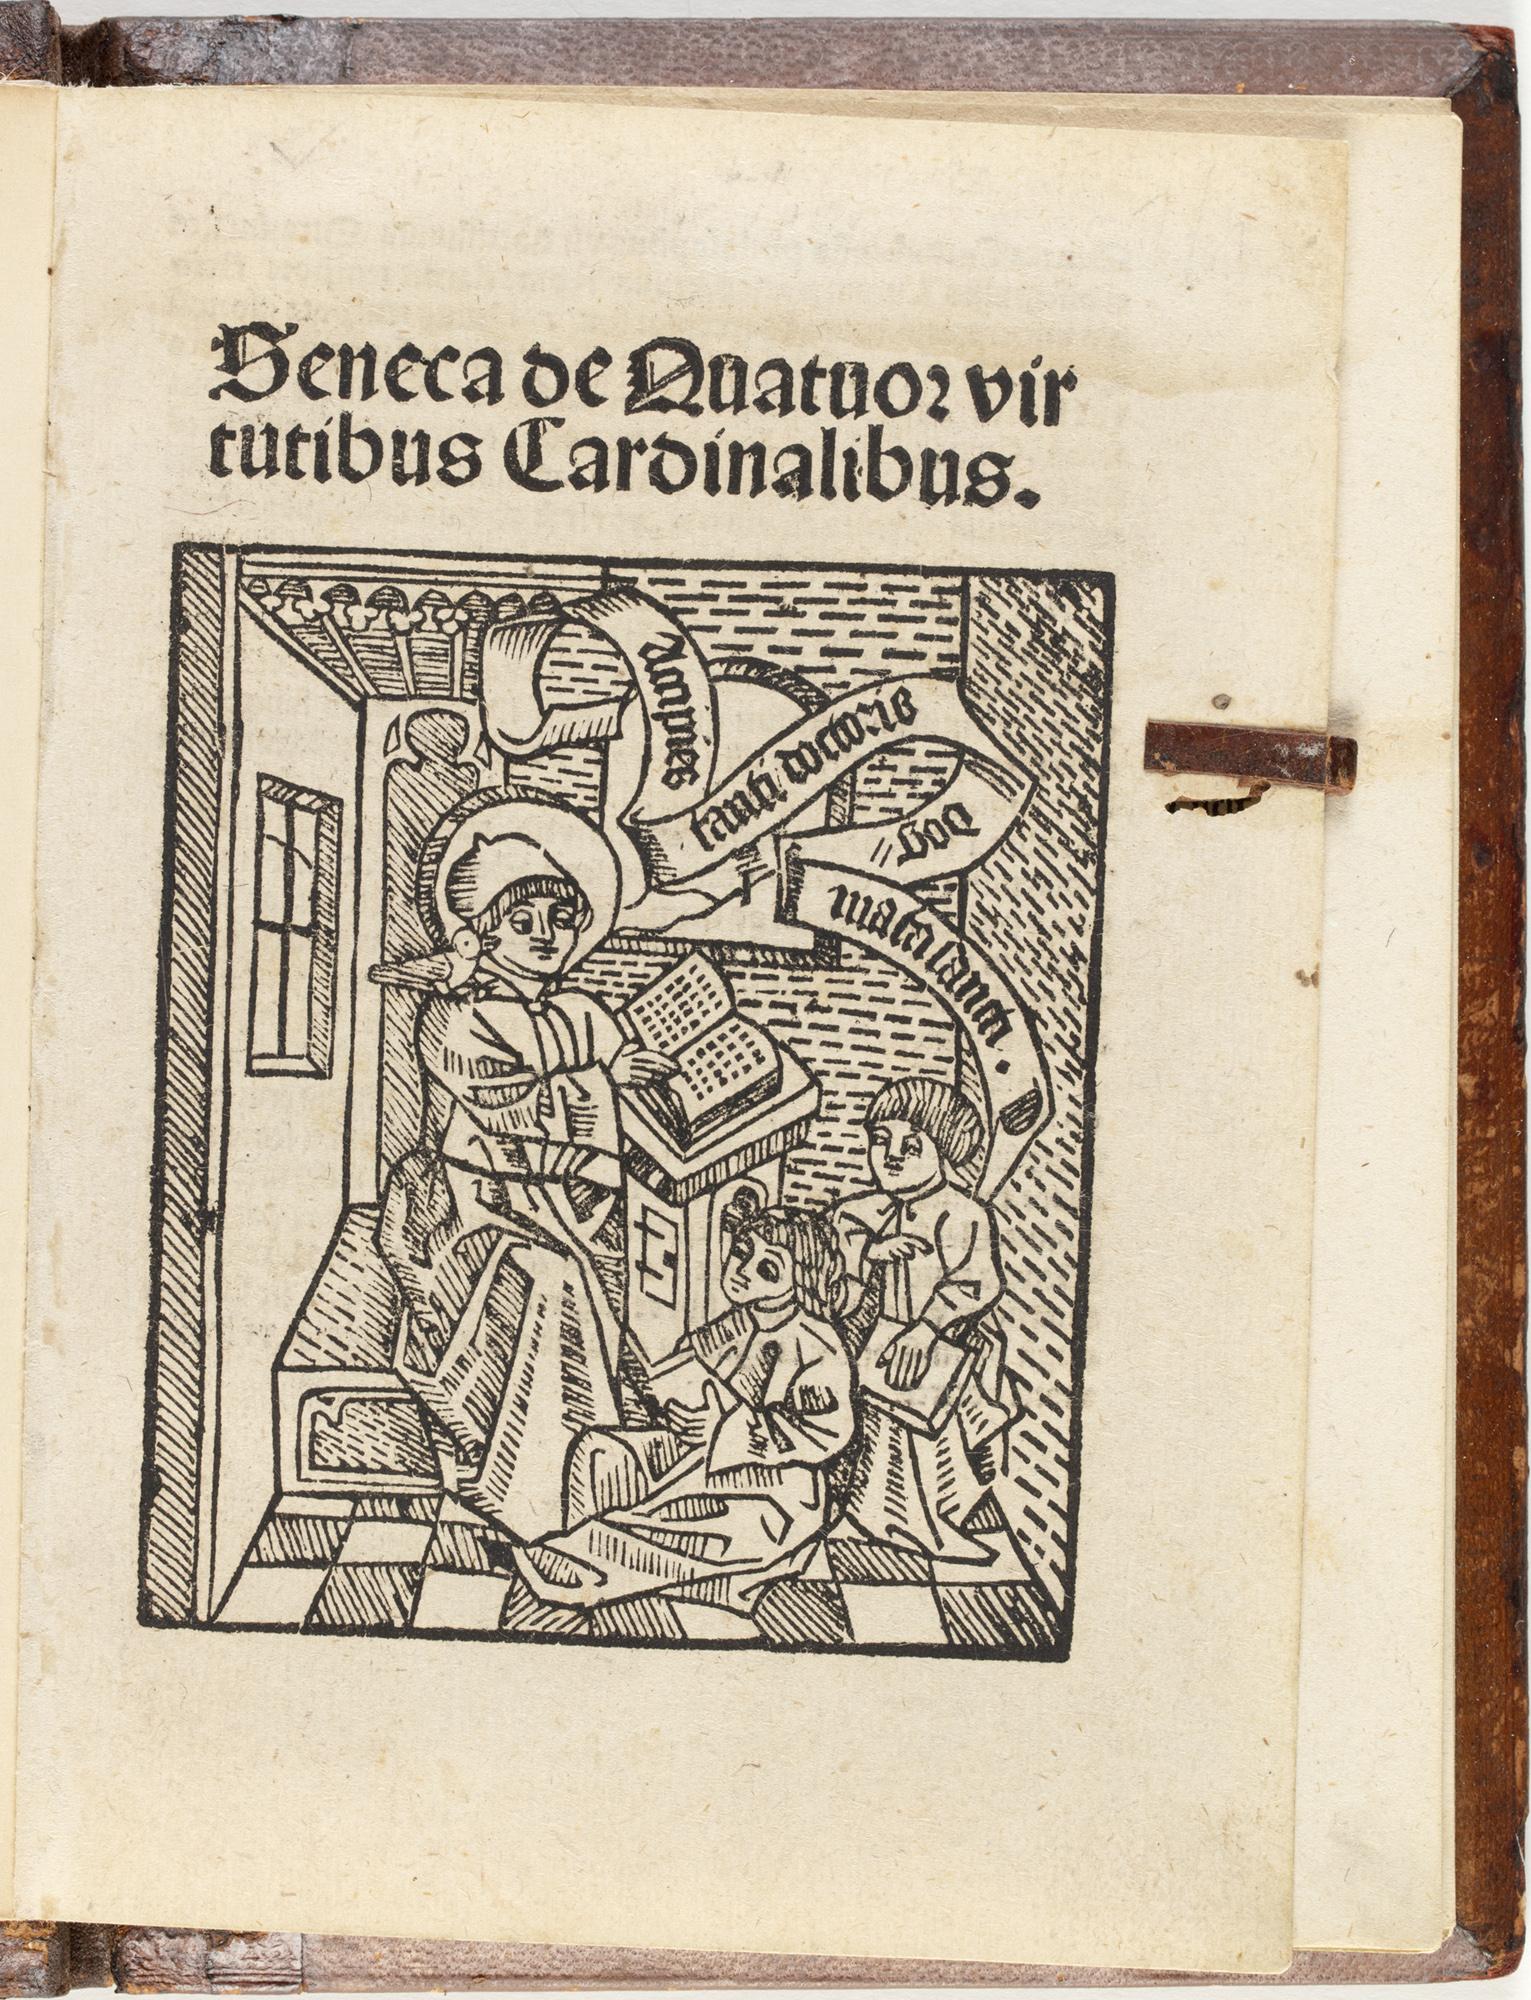 Seneca De quatuor virtutibus cardinalibus.